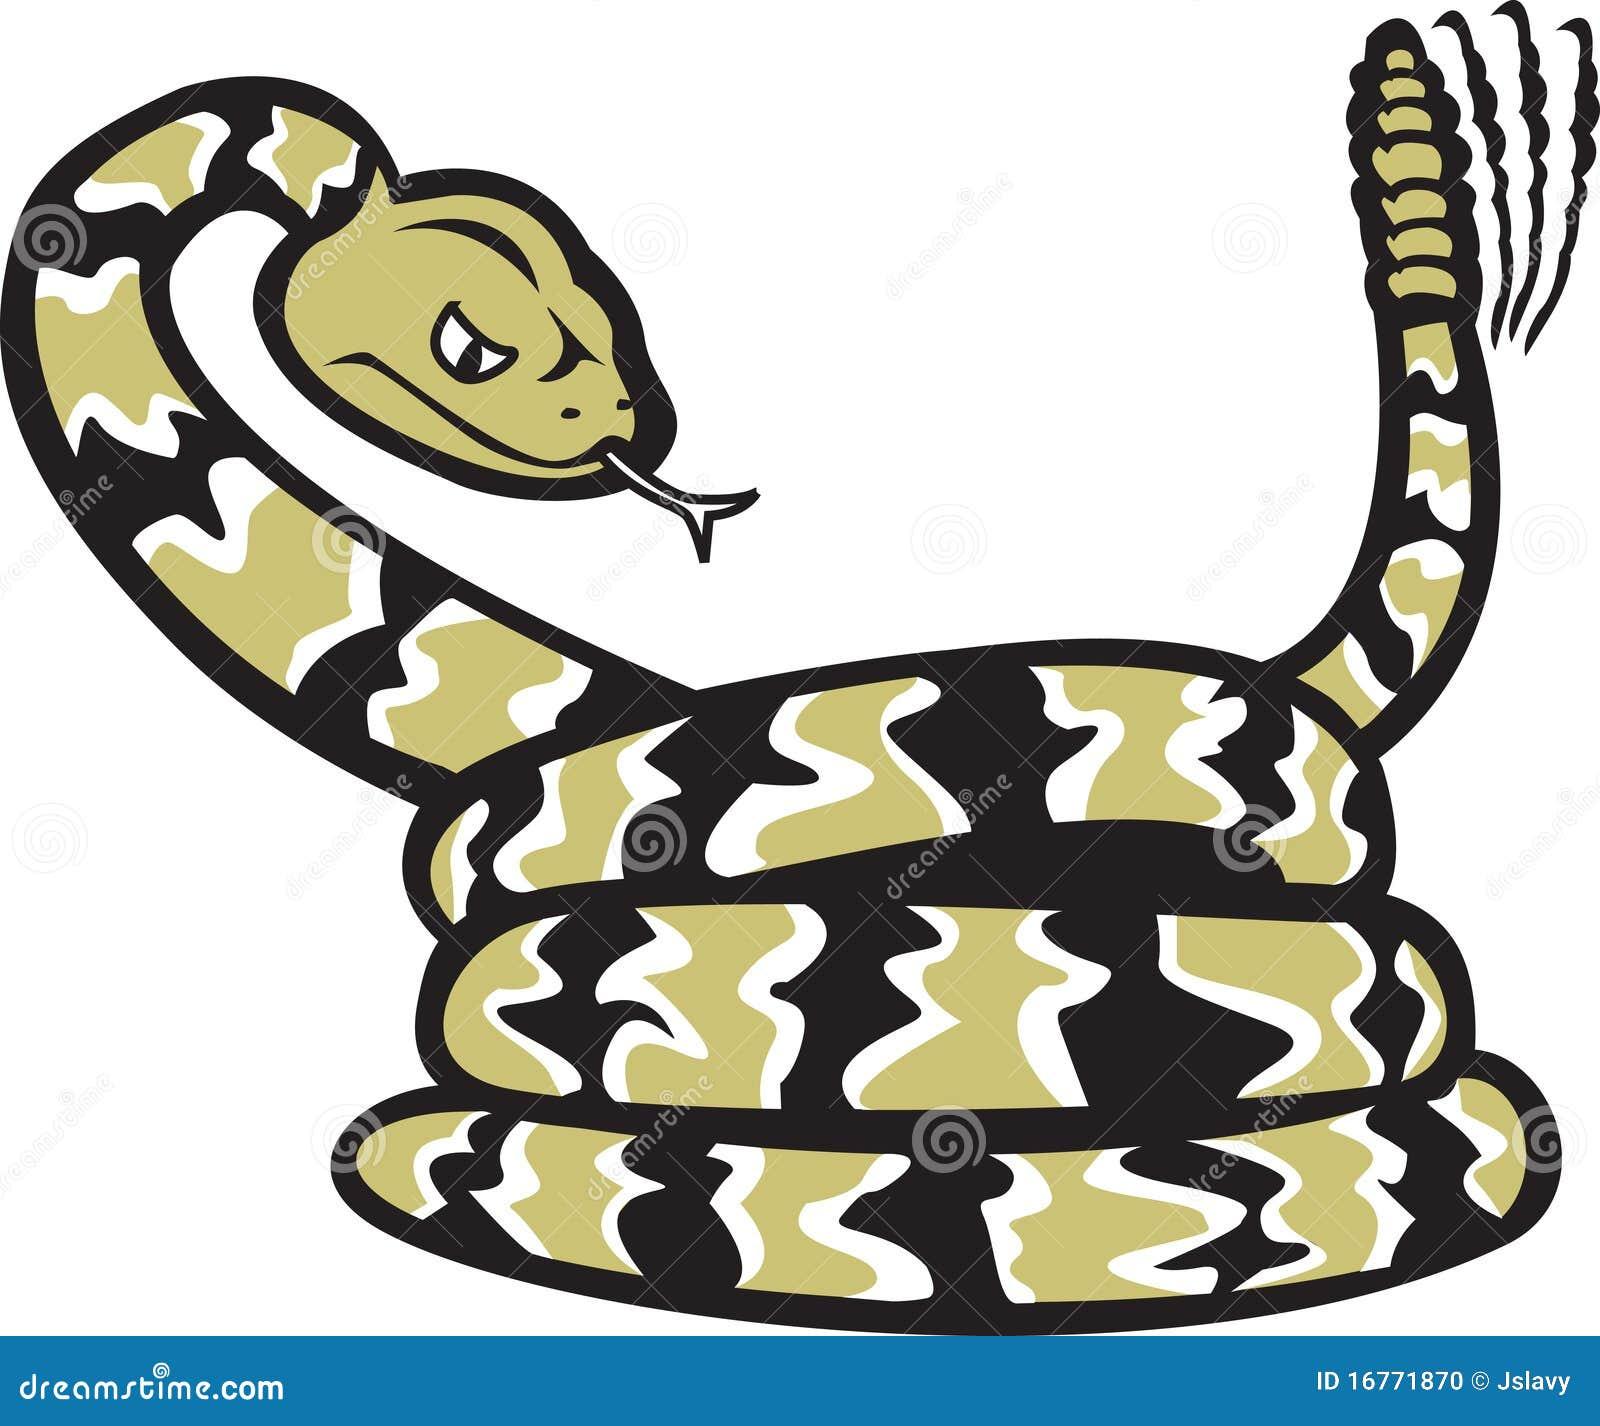 Rattlesnake Cartoon Rattlesnake Clipart